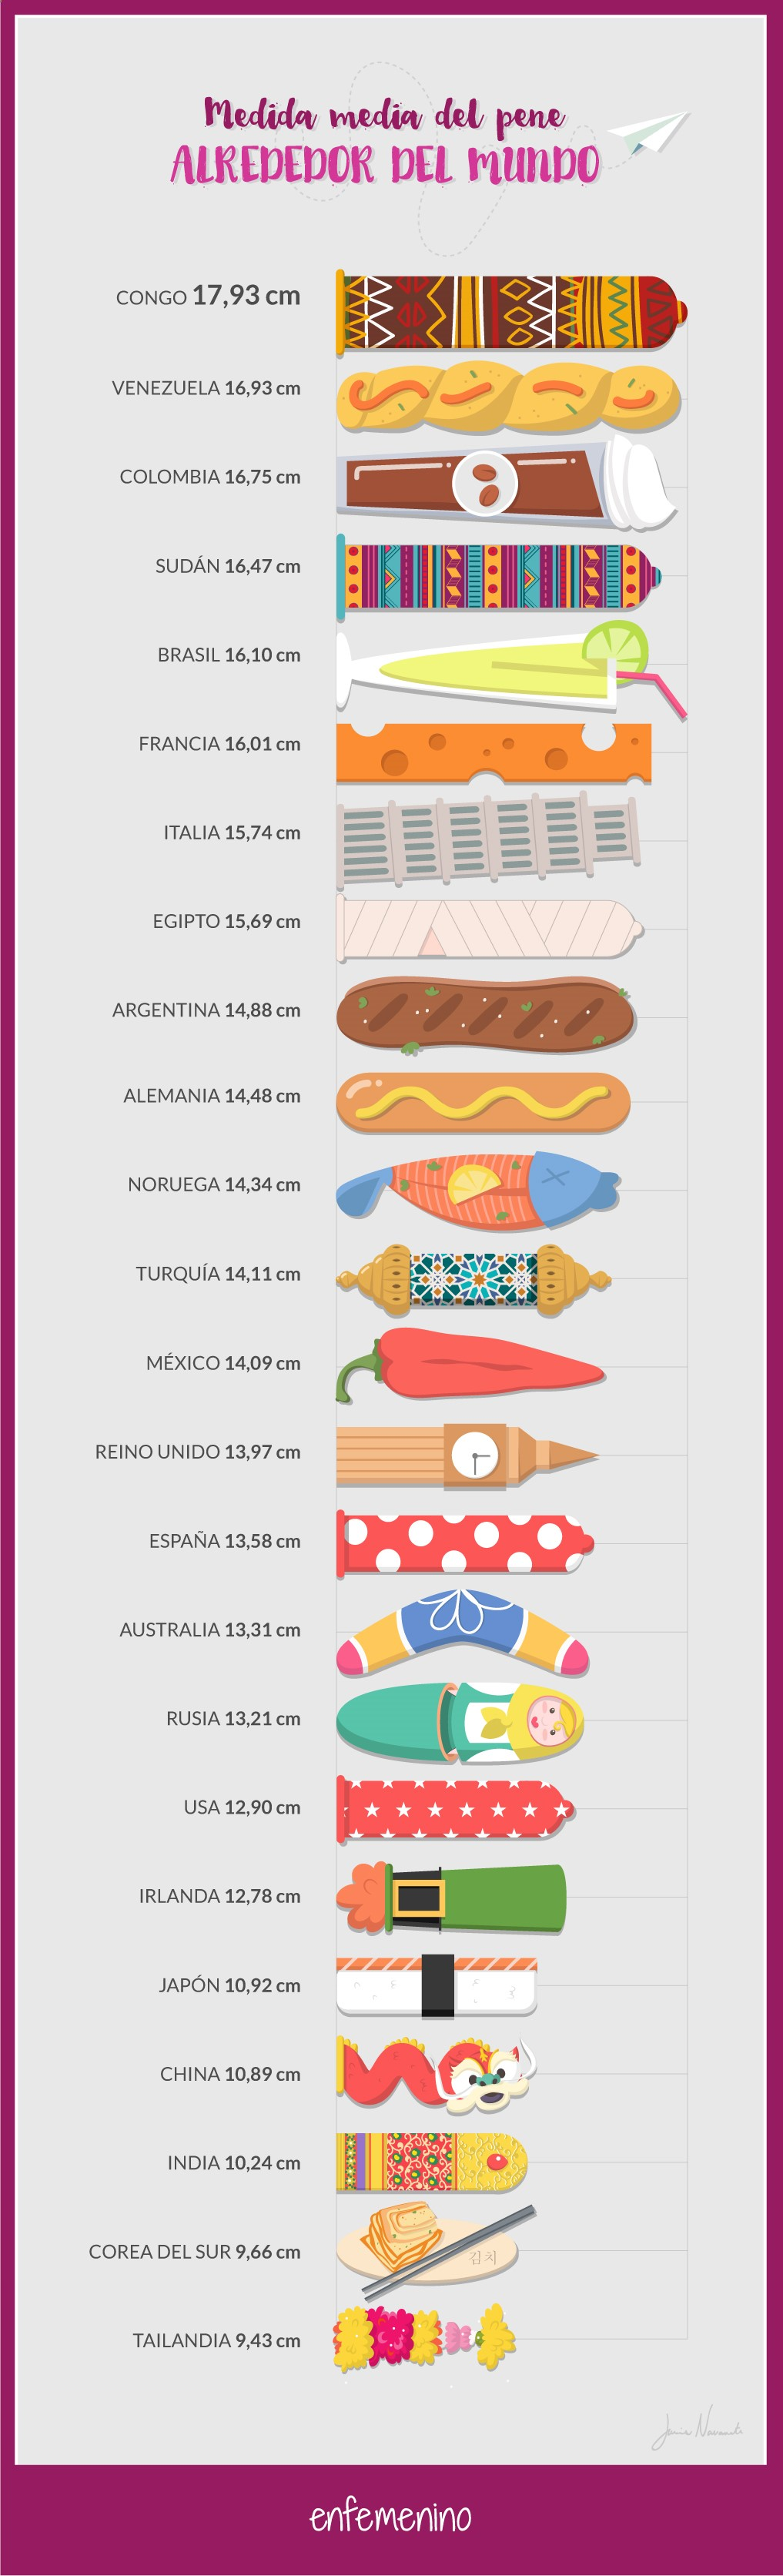 promedio pene colombiano